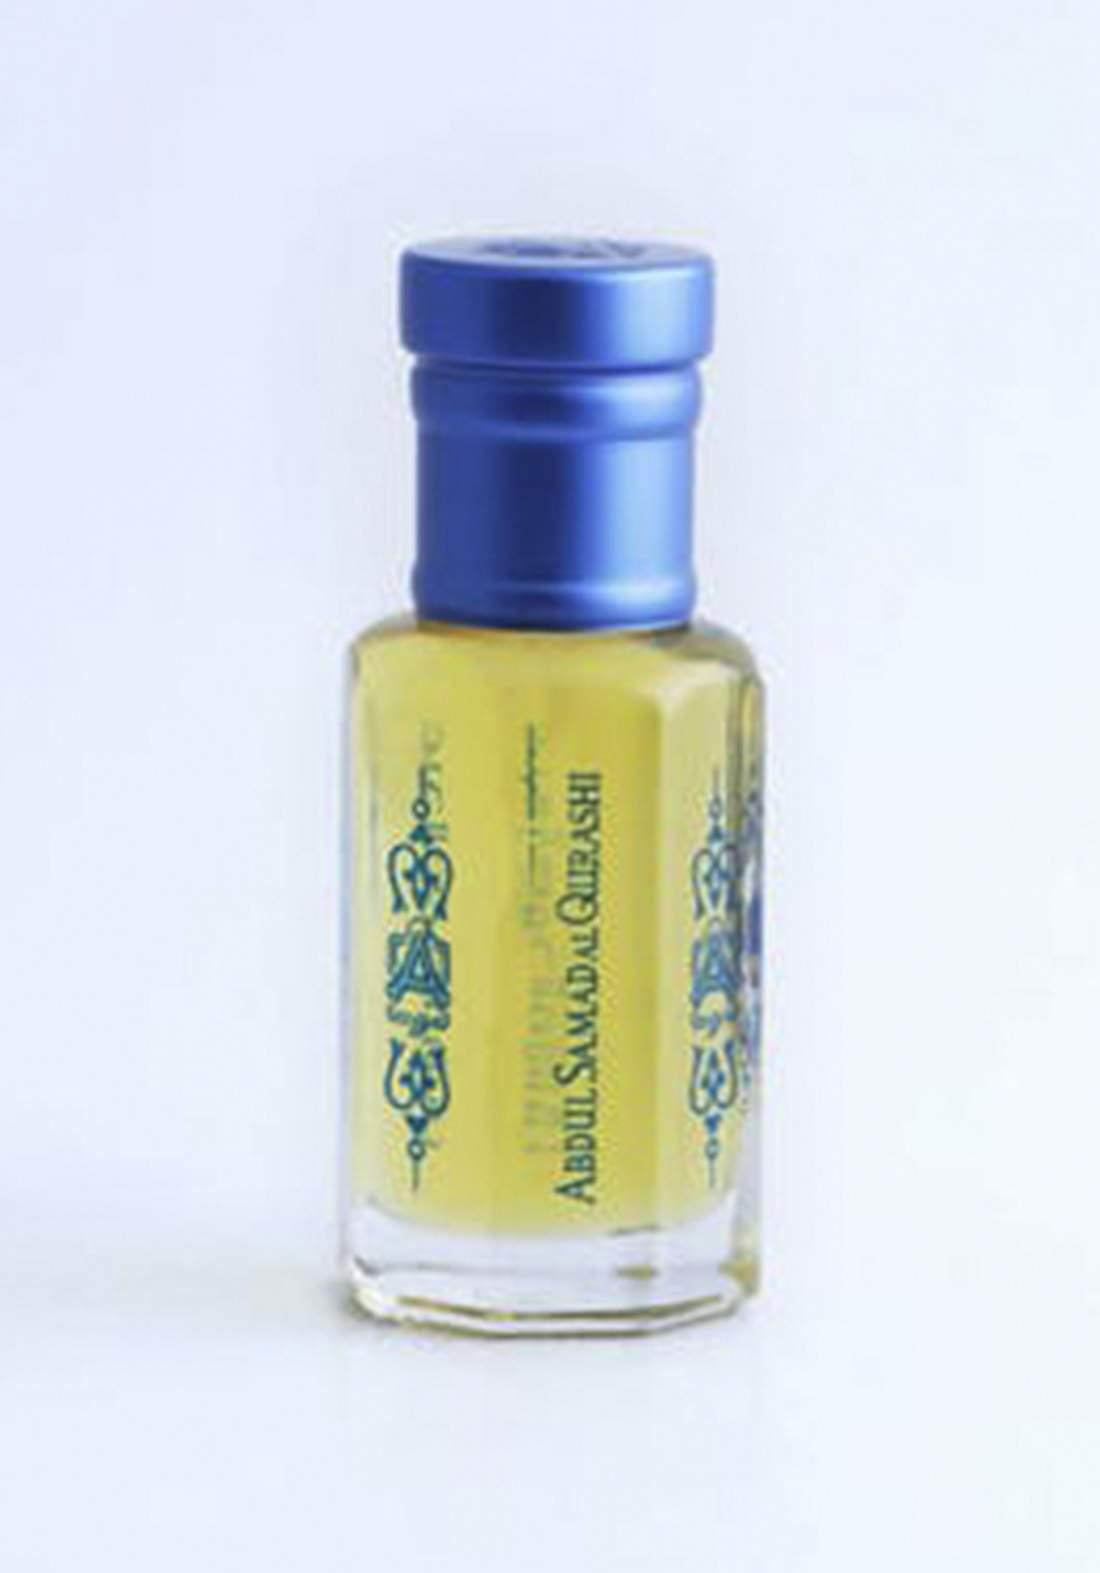 Abdul Samad Al Qurashi 13003 -musk oud Mix Perfume Oil 12g  عطر زيتي